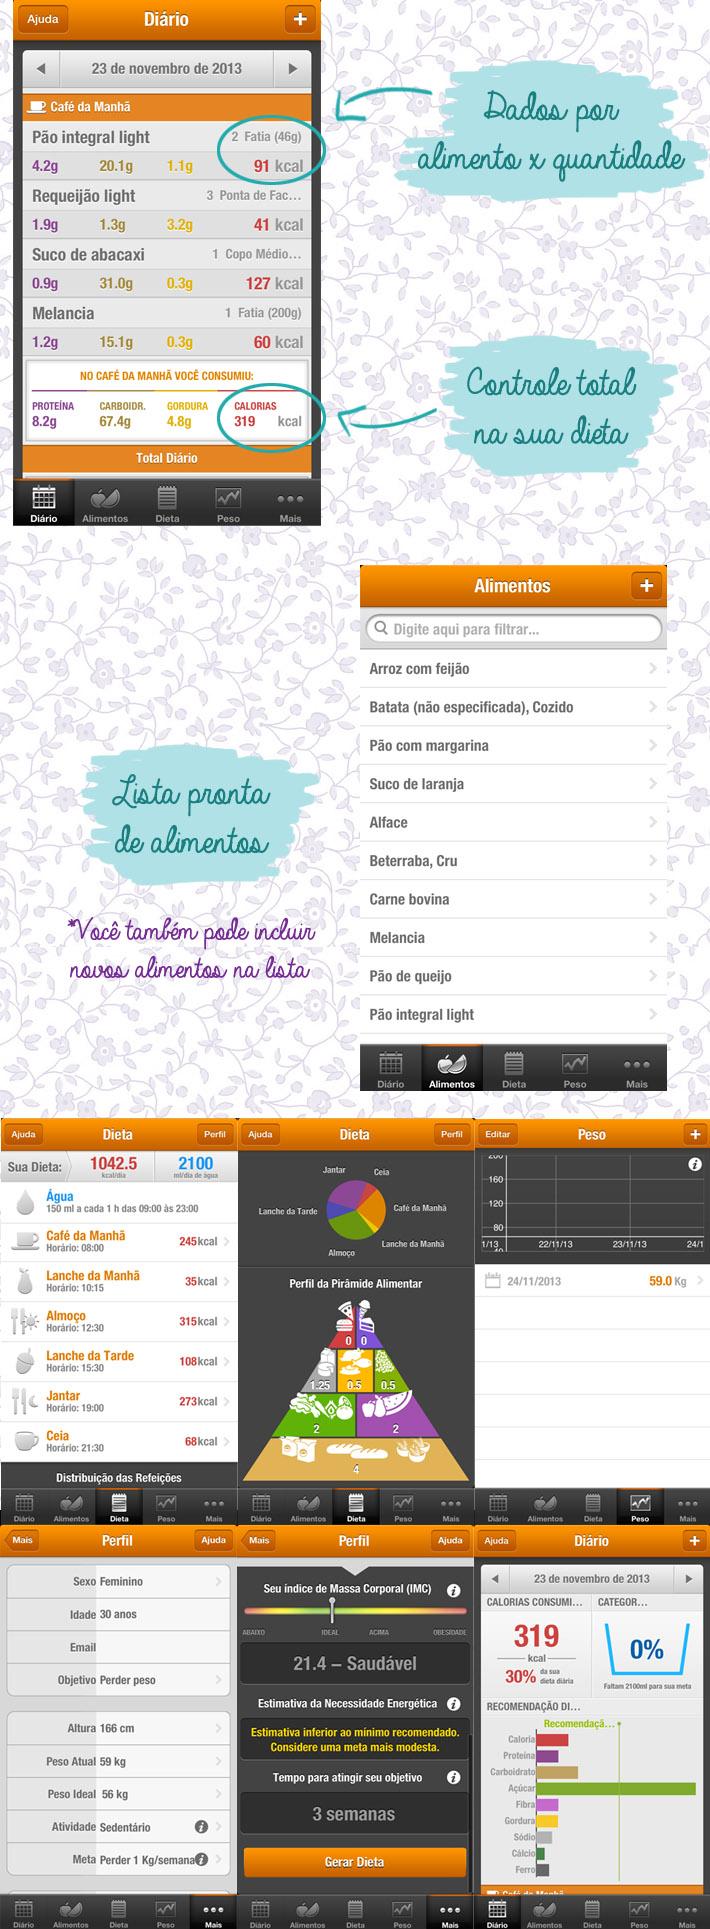 CMA_App_TecnoNutri